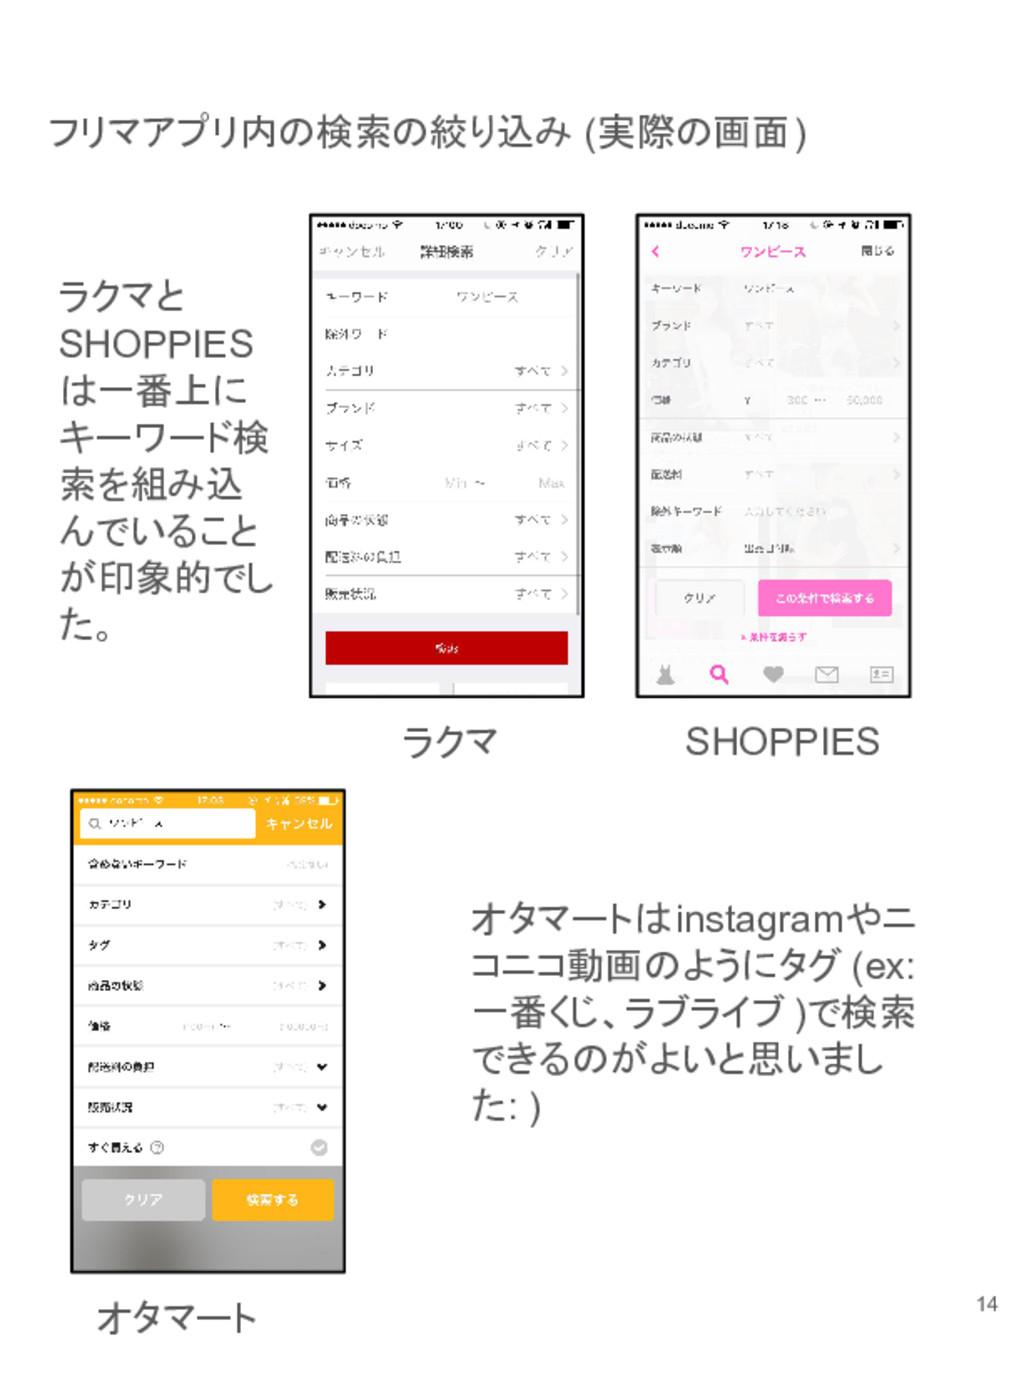 フリマアプリ内の検索の絞り込み (実際の画面) 14 ラクマと SHOPPIES は一番上に ...